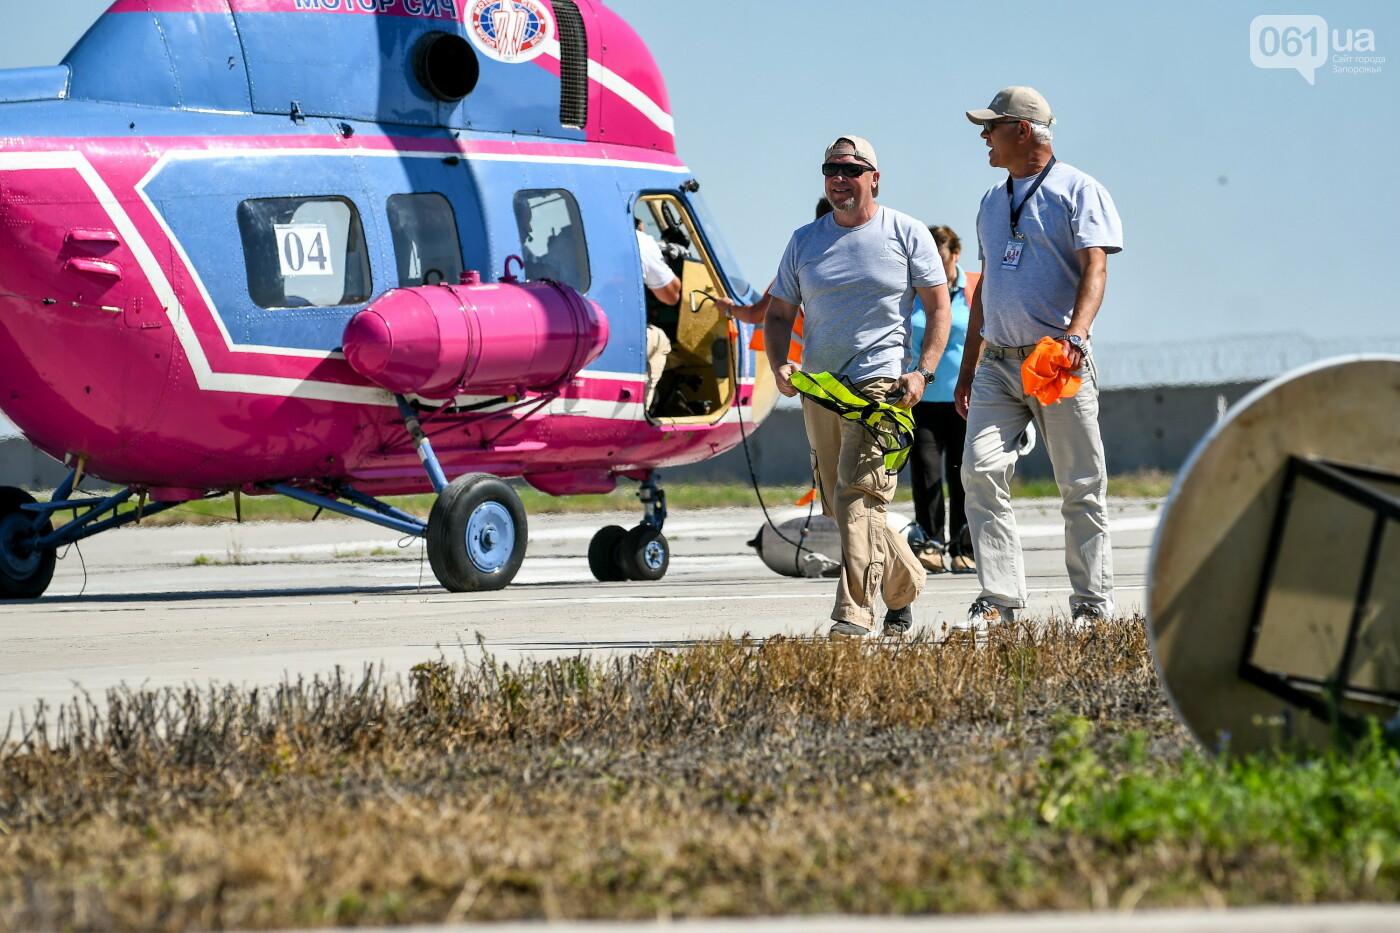 В Запорожье проходят соревнования по вертолетному спорту, - ФОТОРЕПОРТАЖ, фото-16